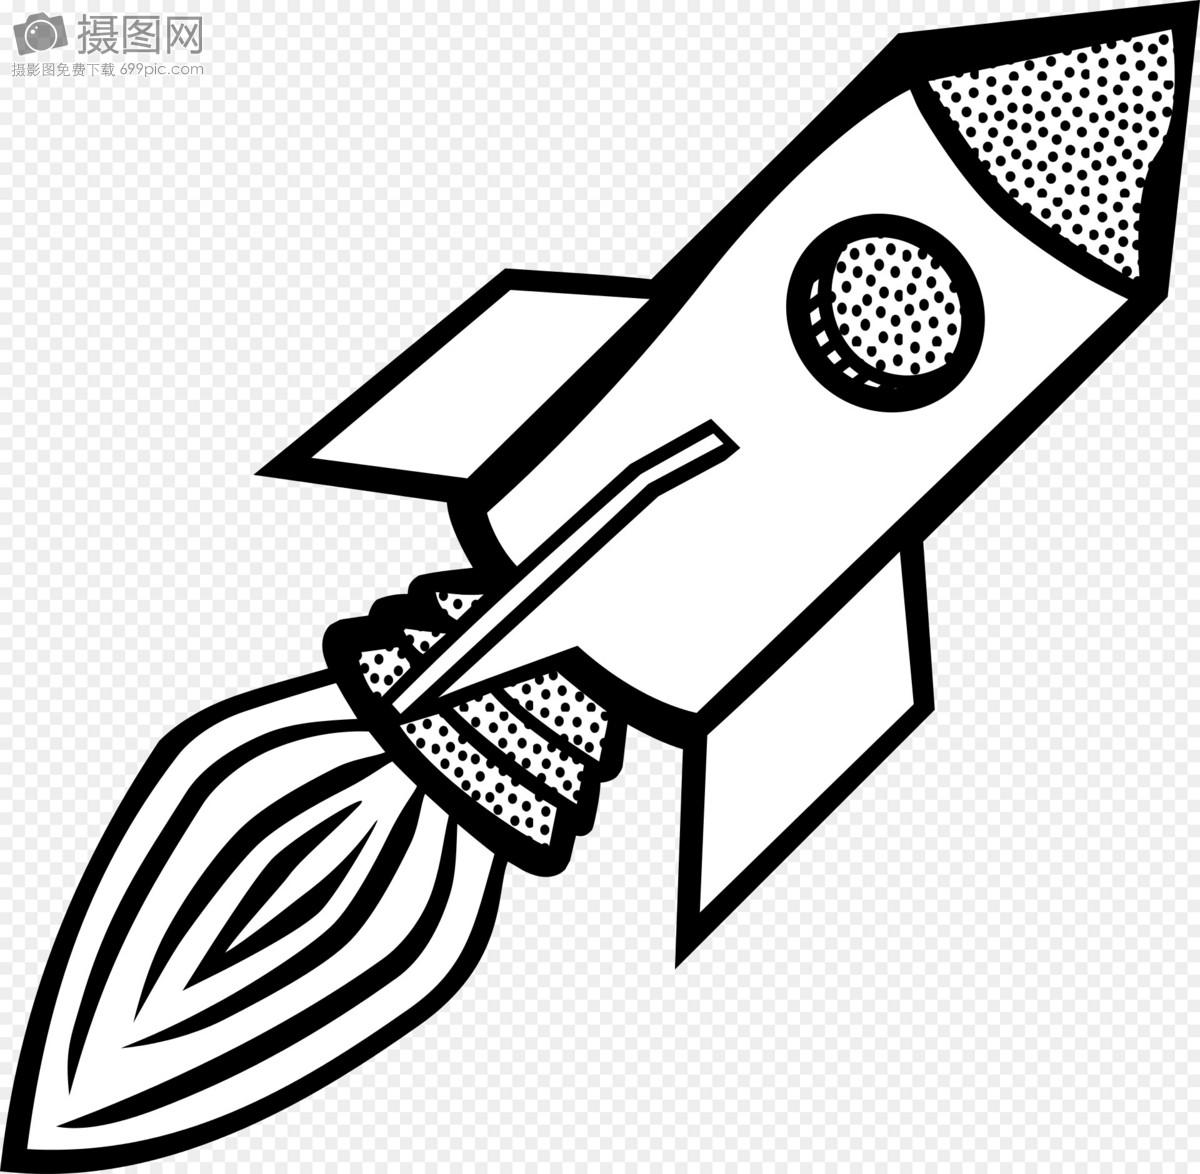 火箭浣熊黑白手绘